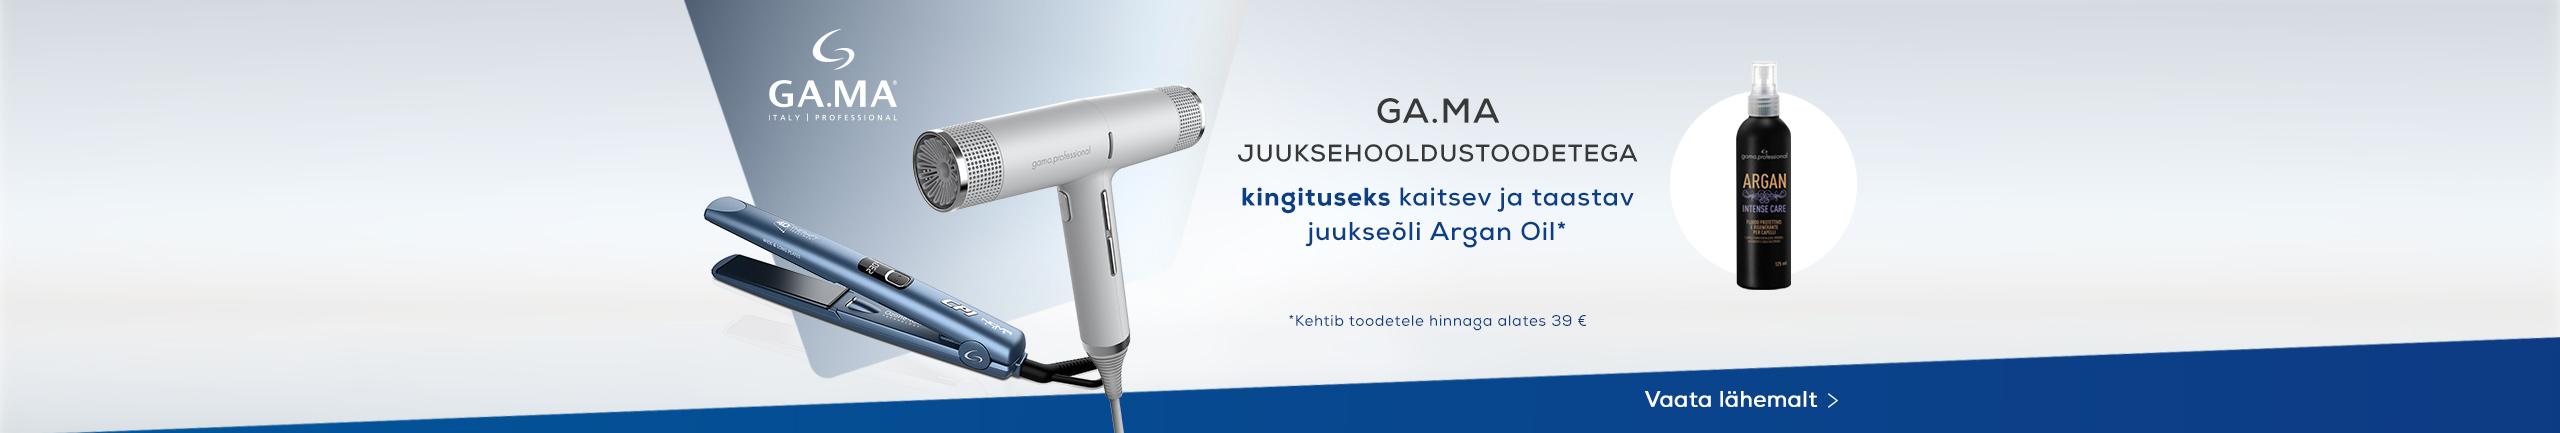 GA.MA juuksehooldustoodetega kingituseks juukseõli